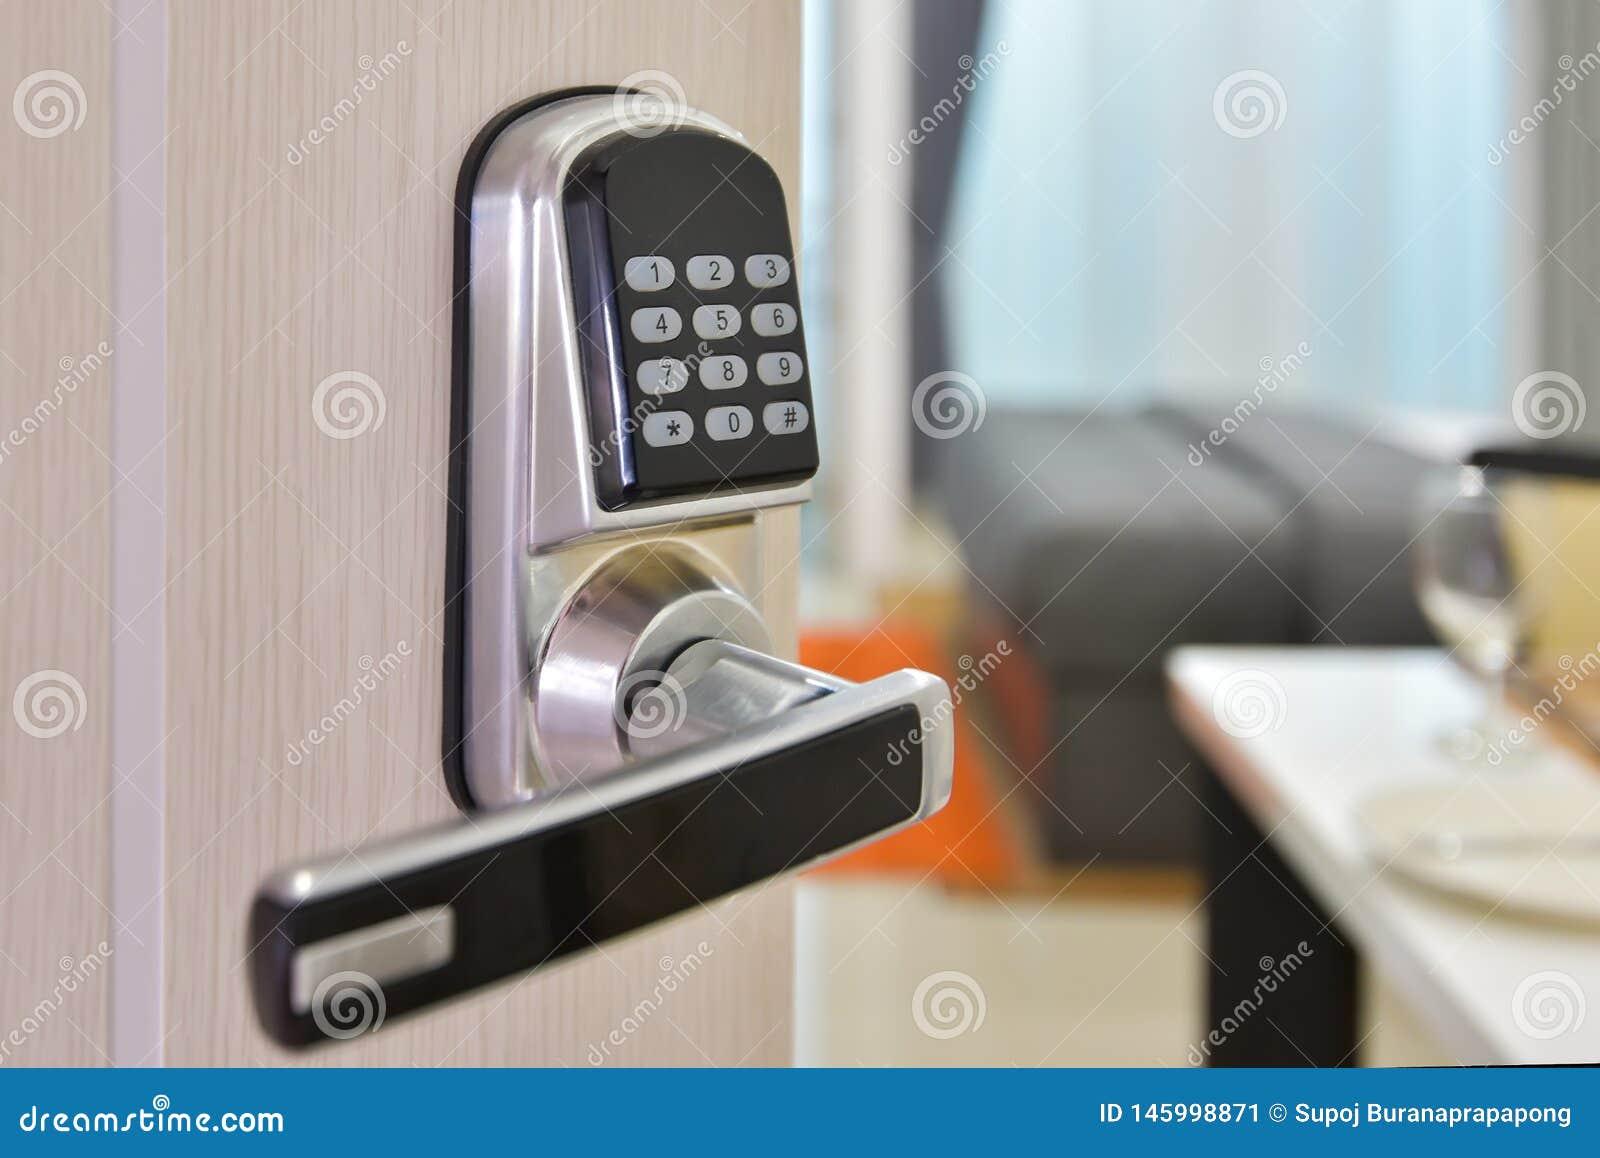 Elektronisk maskin för dörråtkomstskyddsystem med nummerlösenorddörren Halvan öppnade closeupen för dörrhandtaget, ingång till en